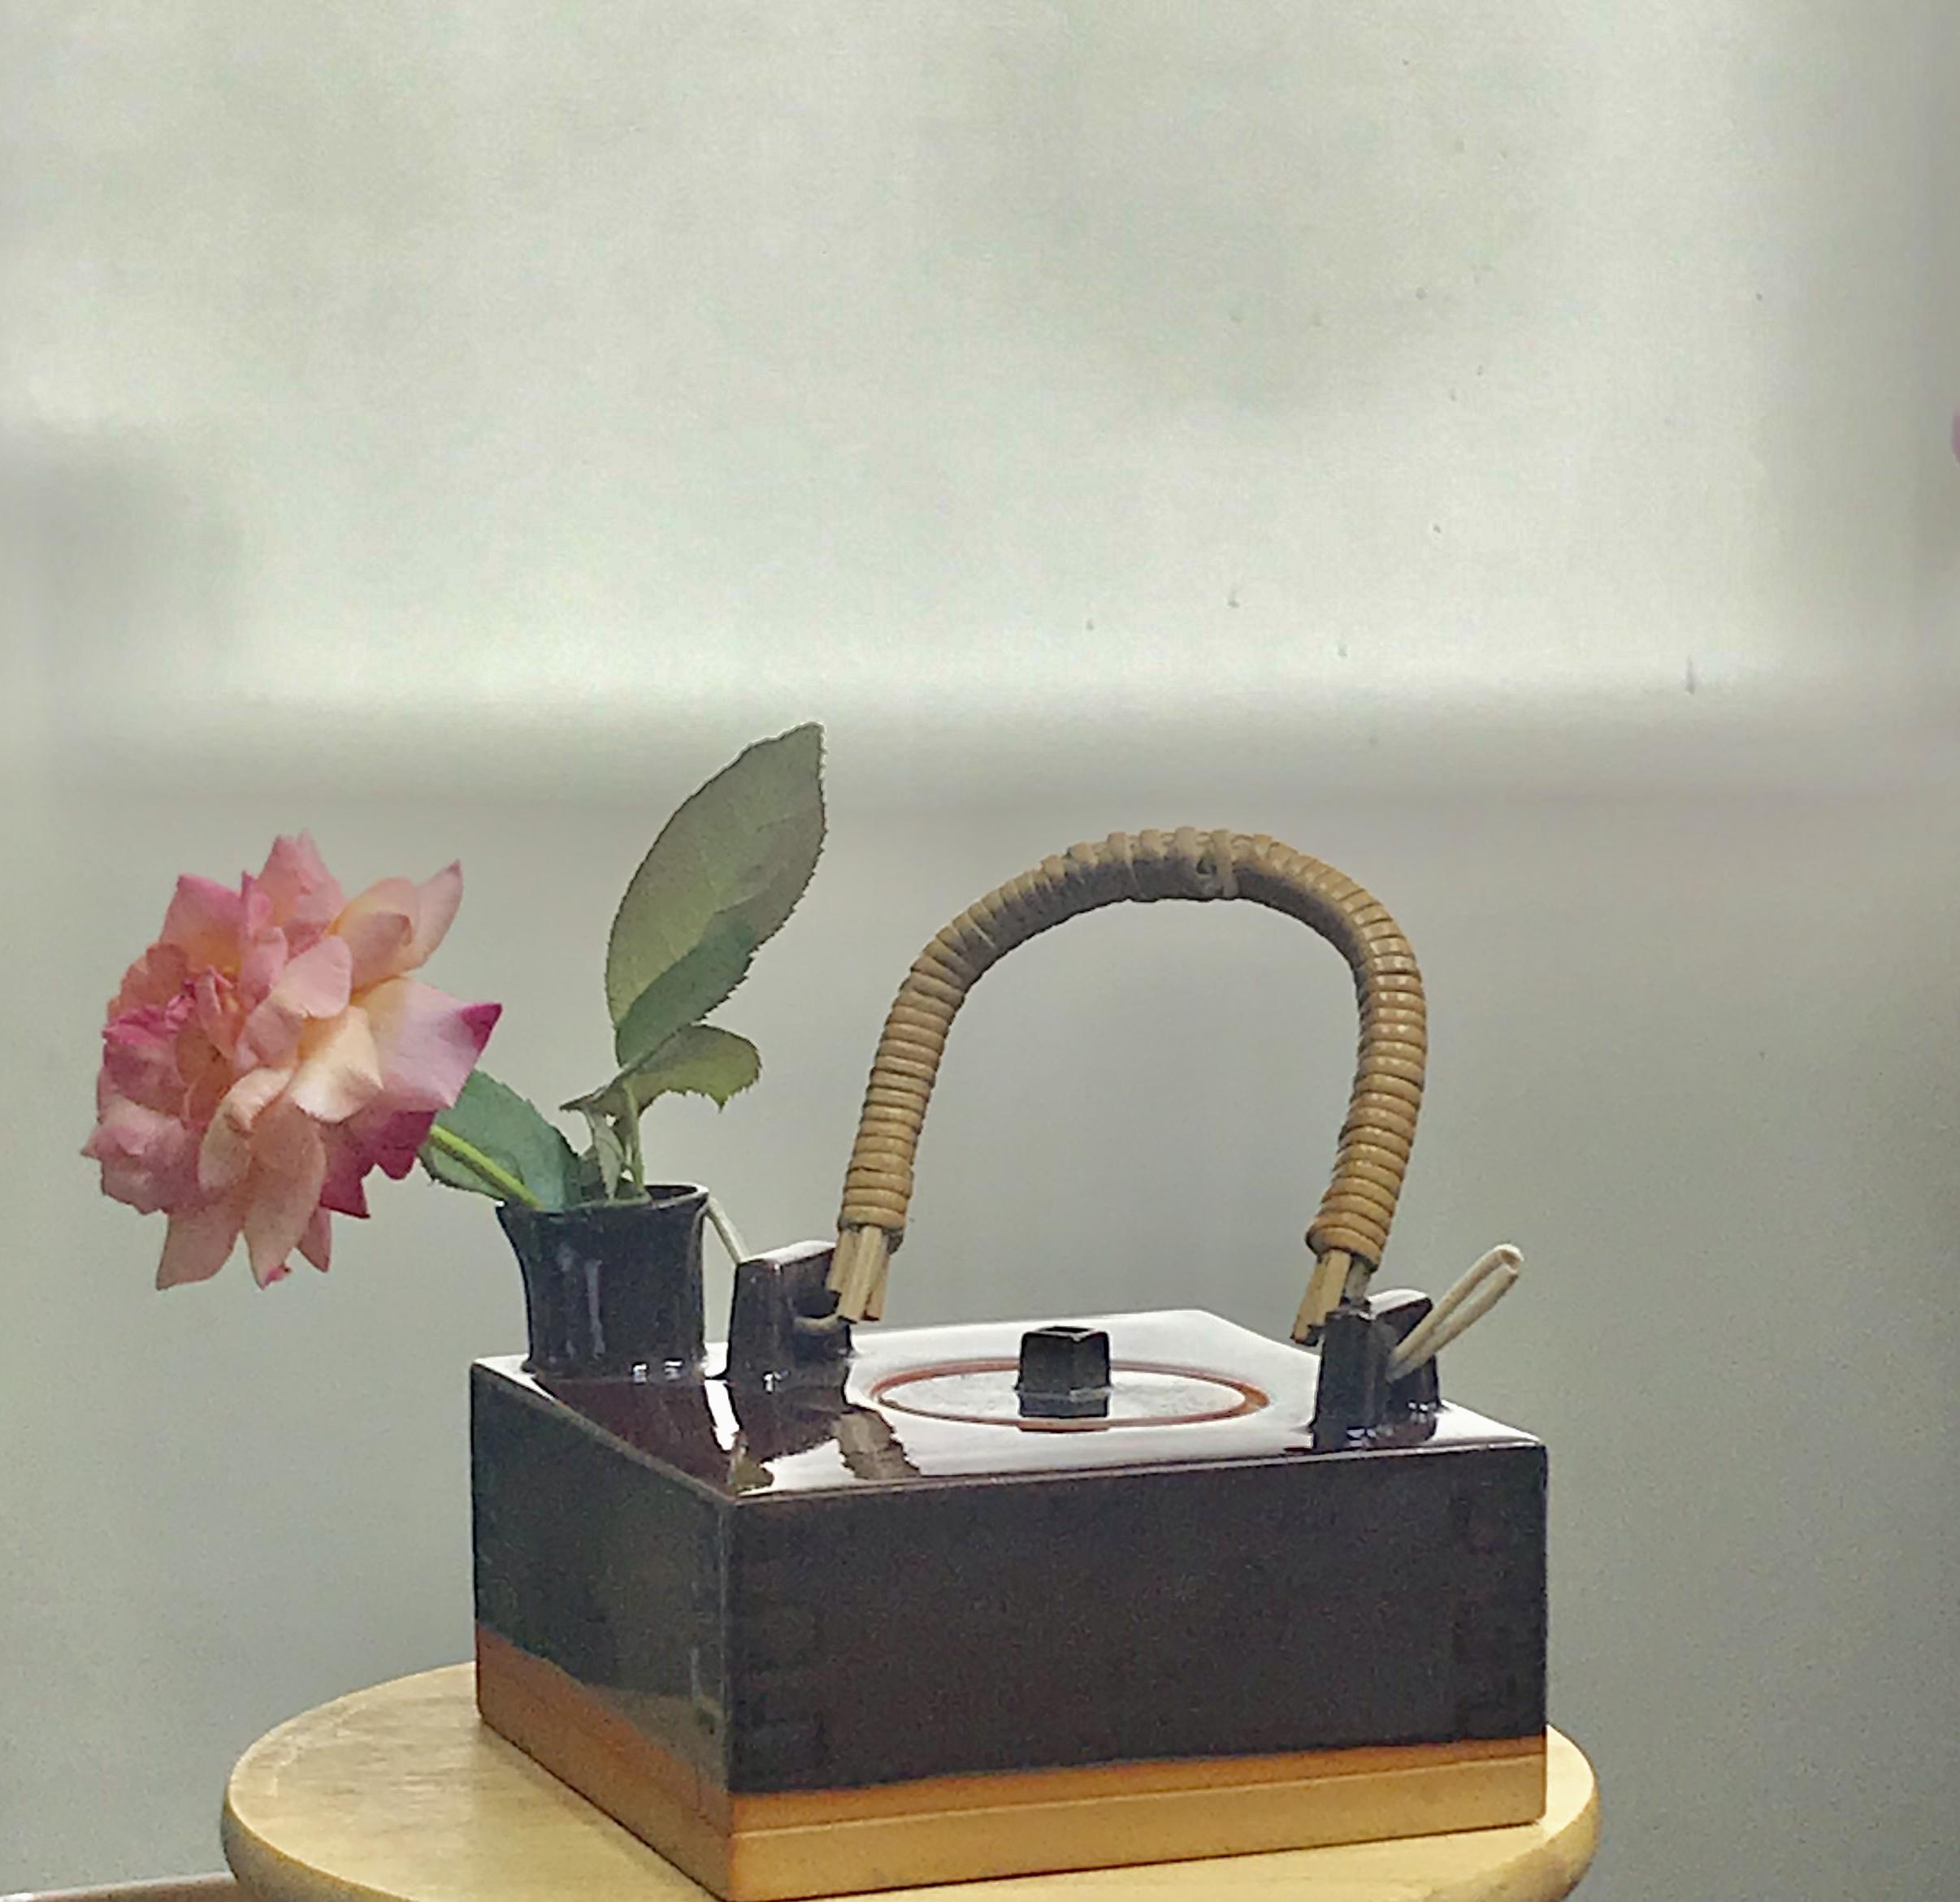 変形花瓶に庭のお花を一輪